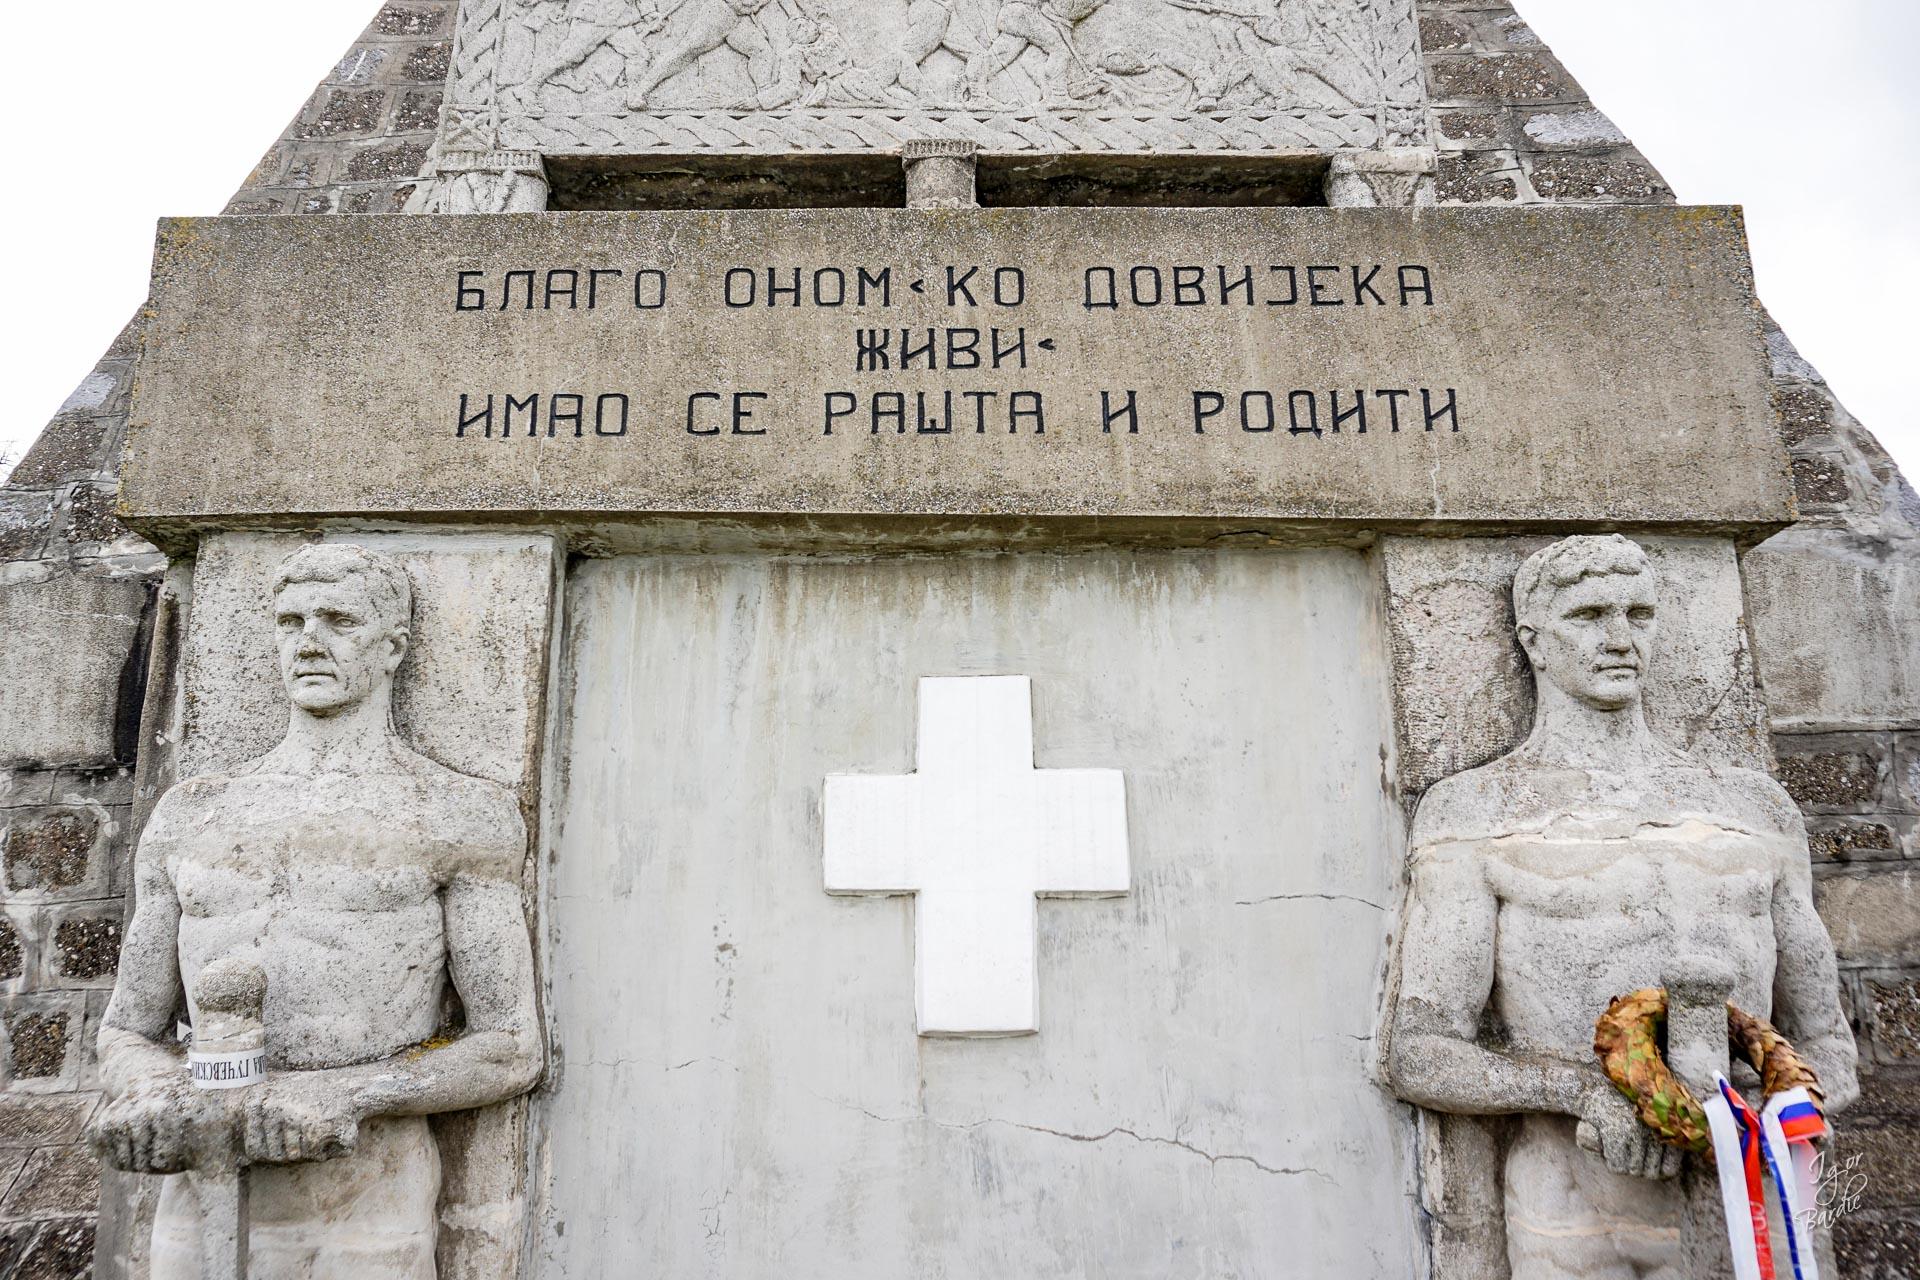 ... spomenika